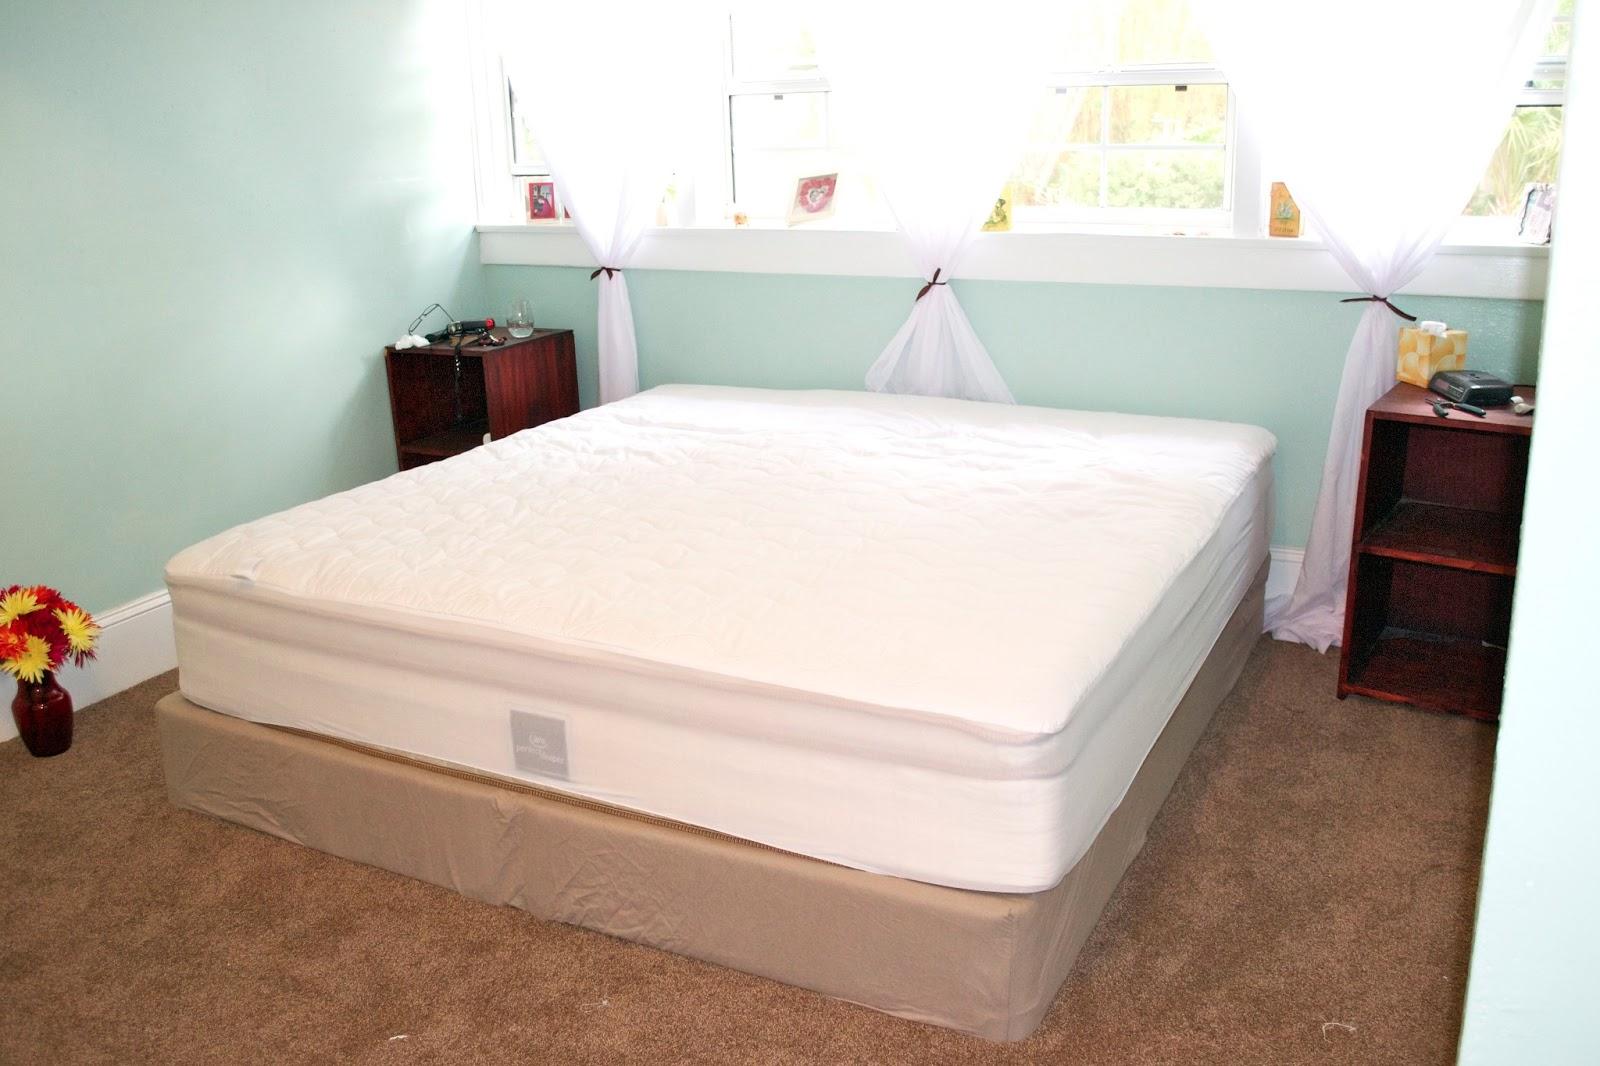 ck and nate header king me. Black Bedroom Furniture Sets. Home Design Ideas